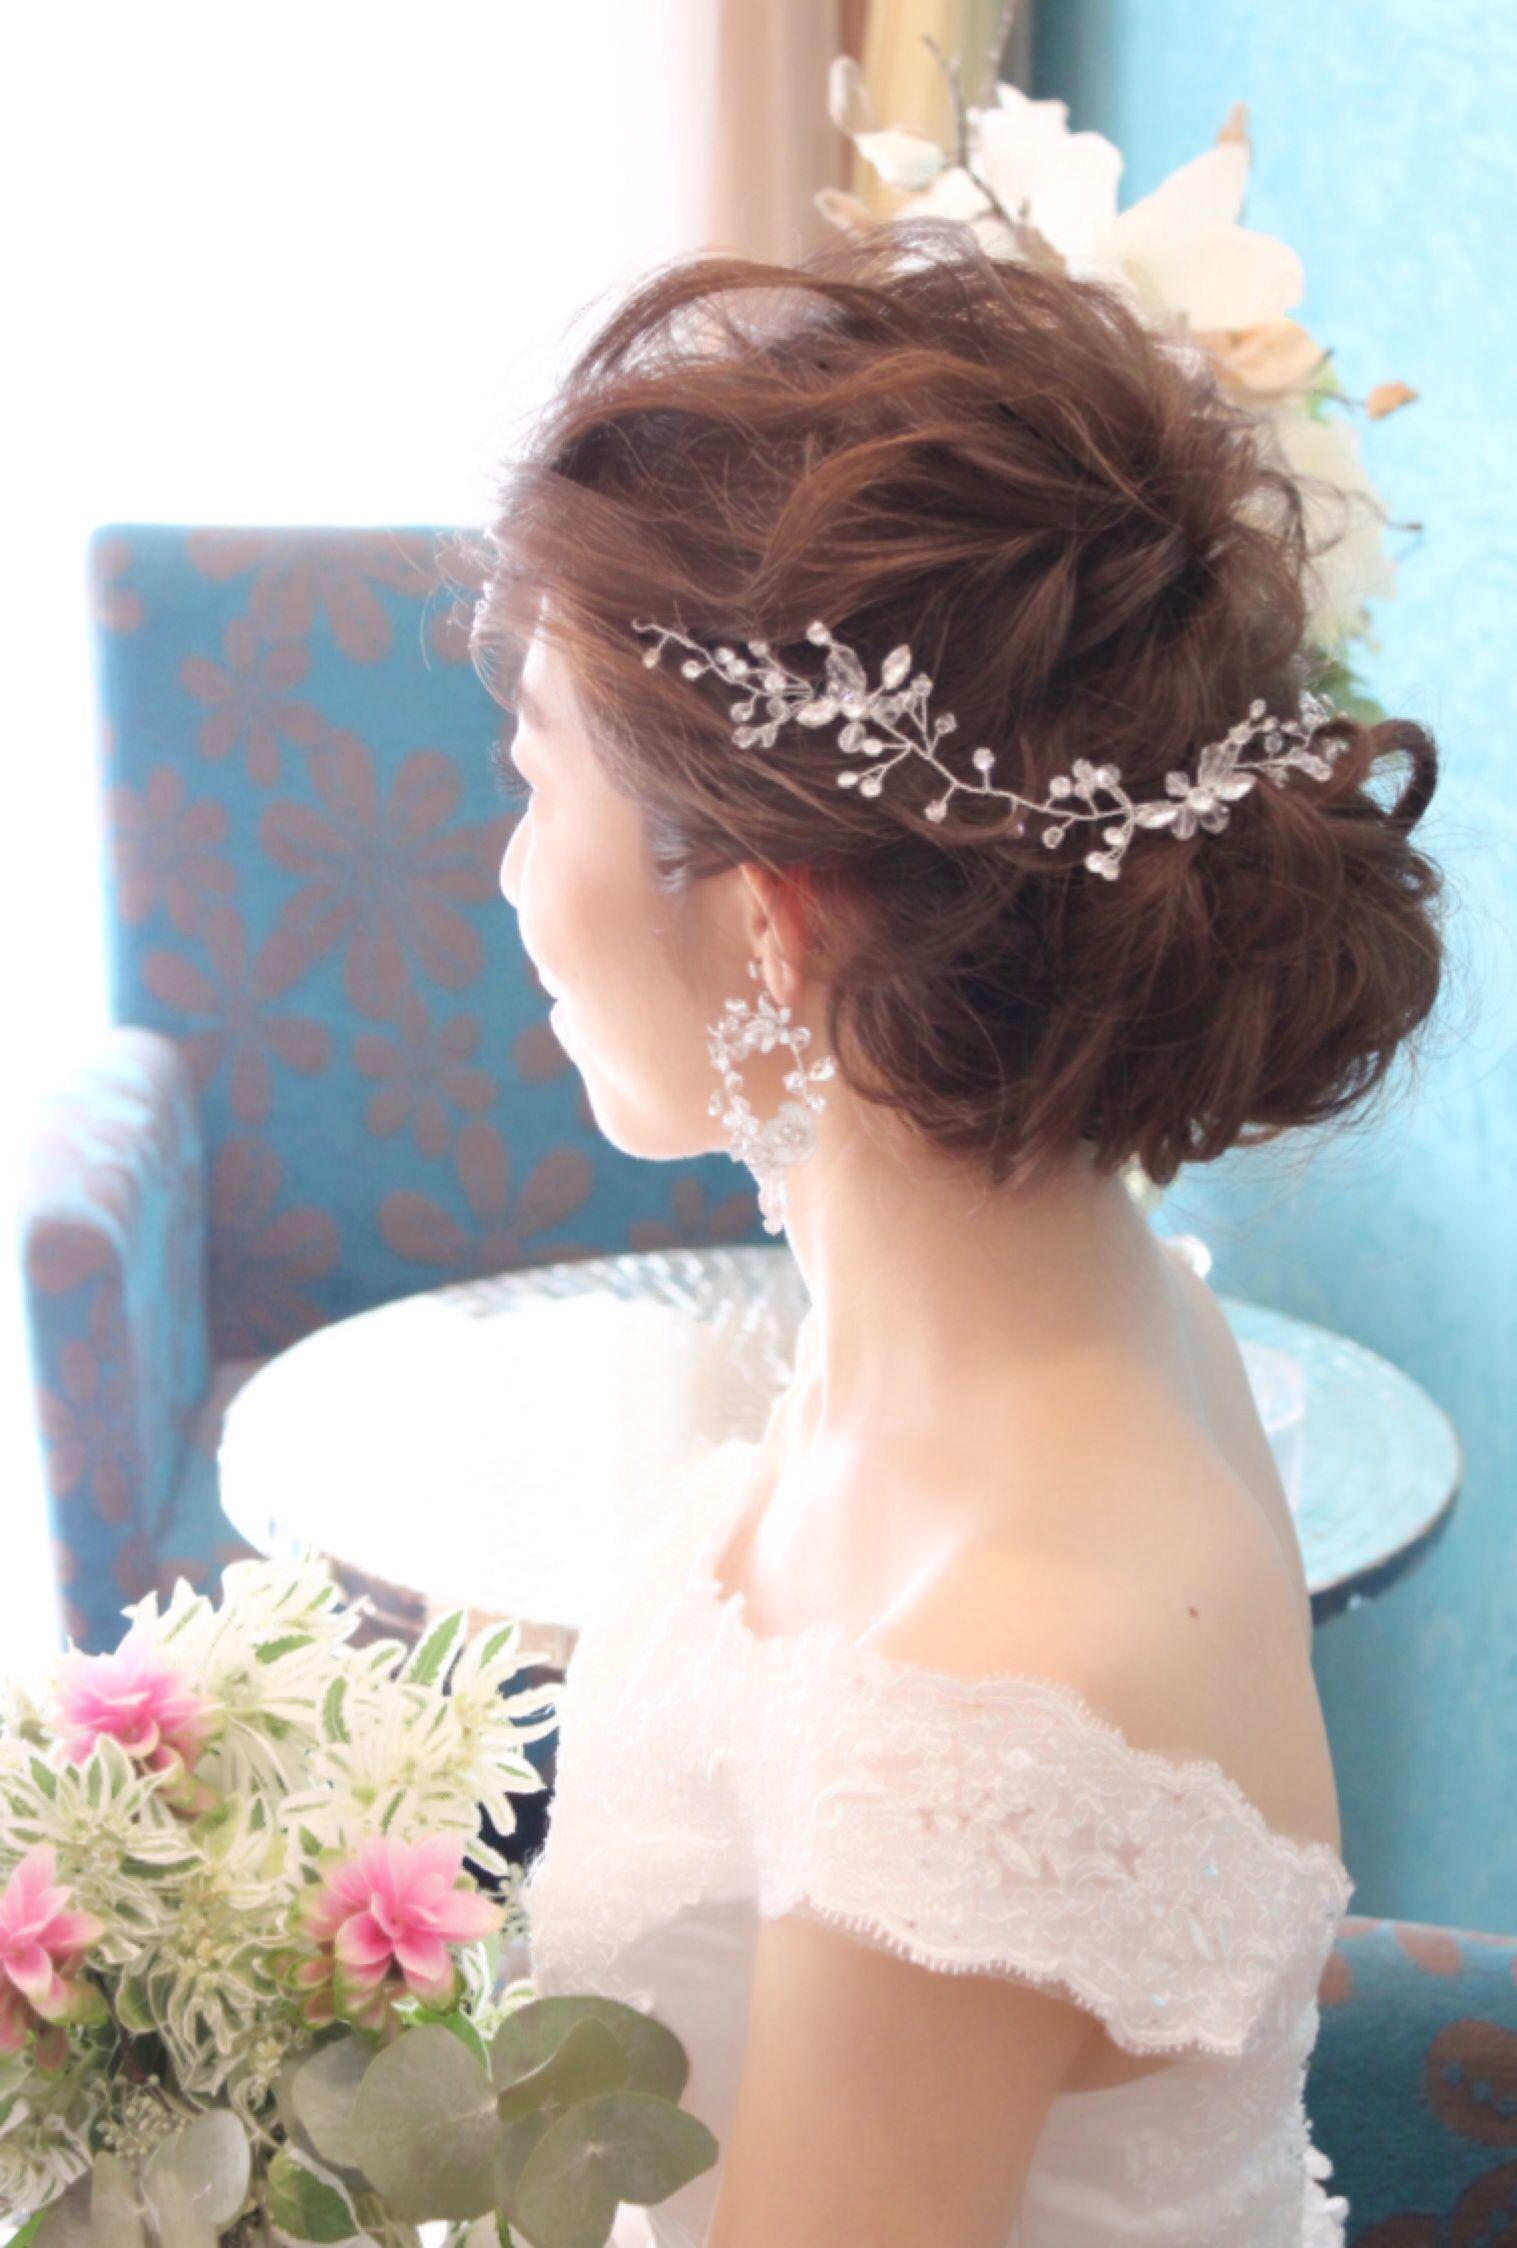 La Sumire ウェディングヘアスタイル ブライダルヘア ウェディング